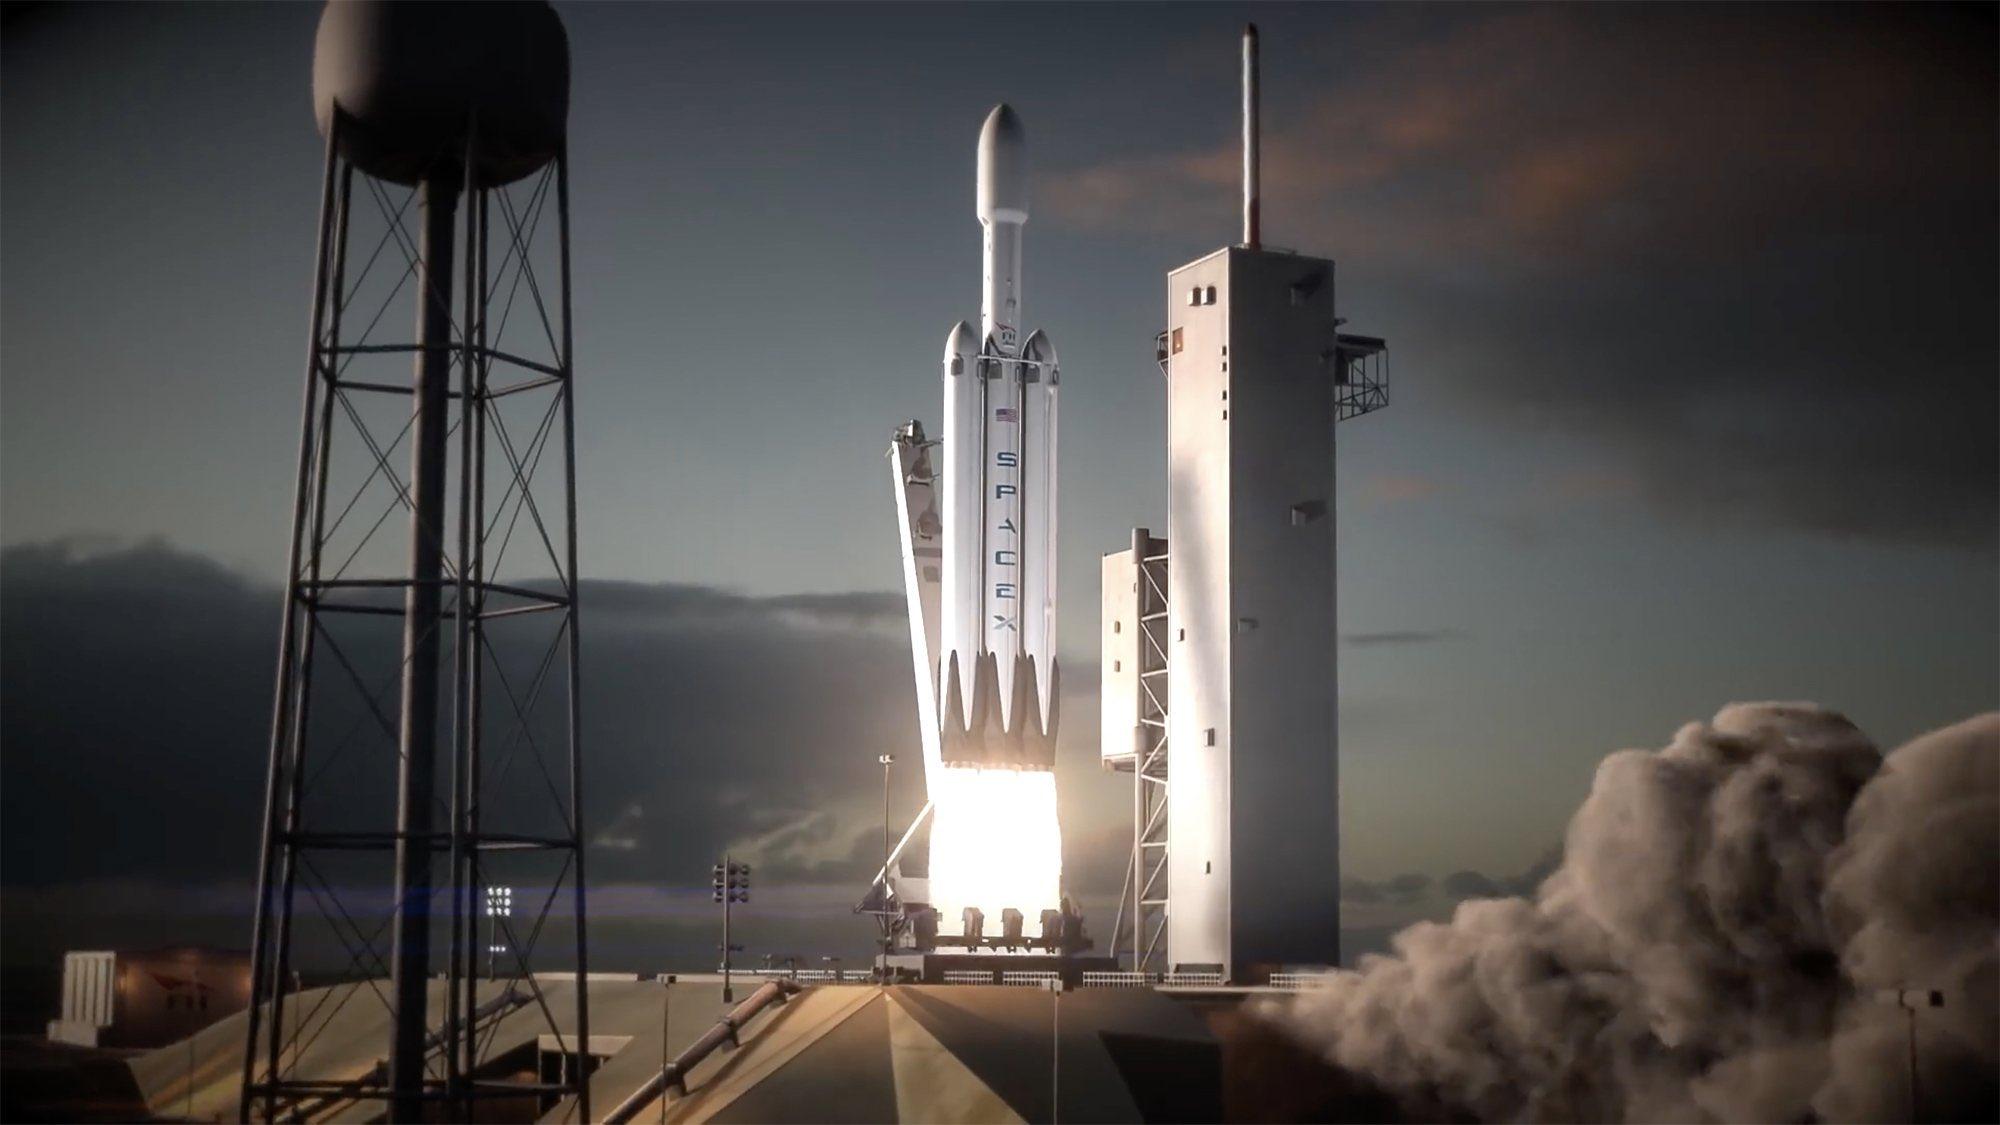 future rocket launching video - HD1915×1072